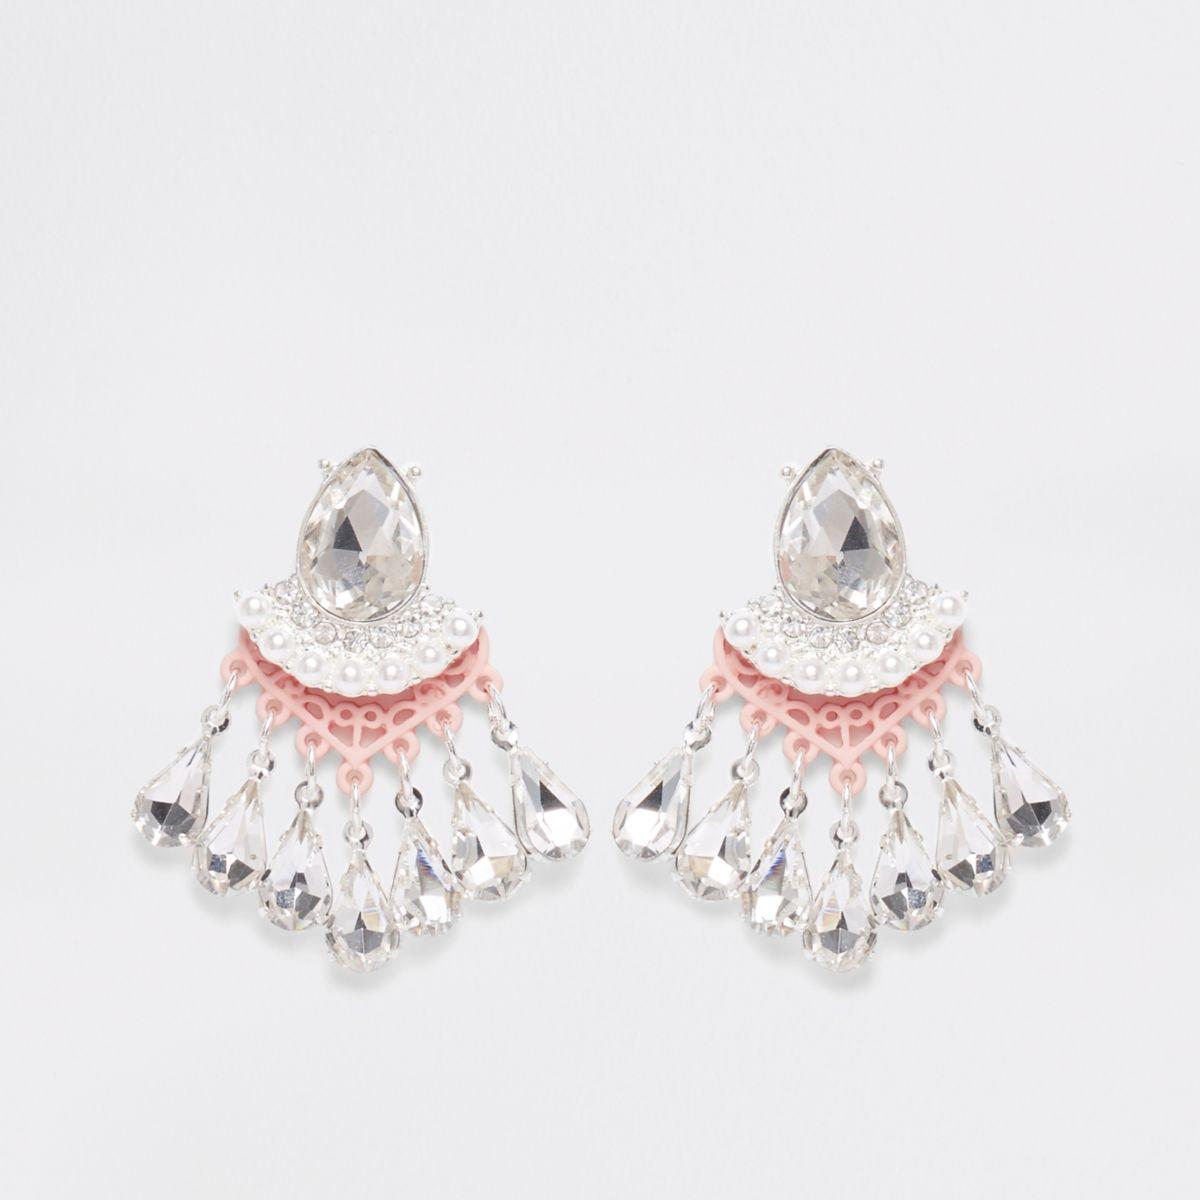 Light pink stone pearl drop stud earrings